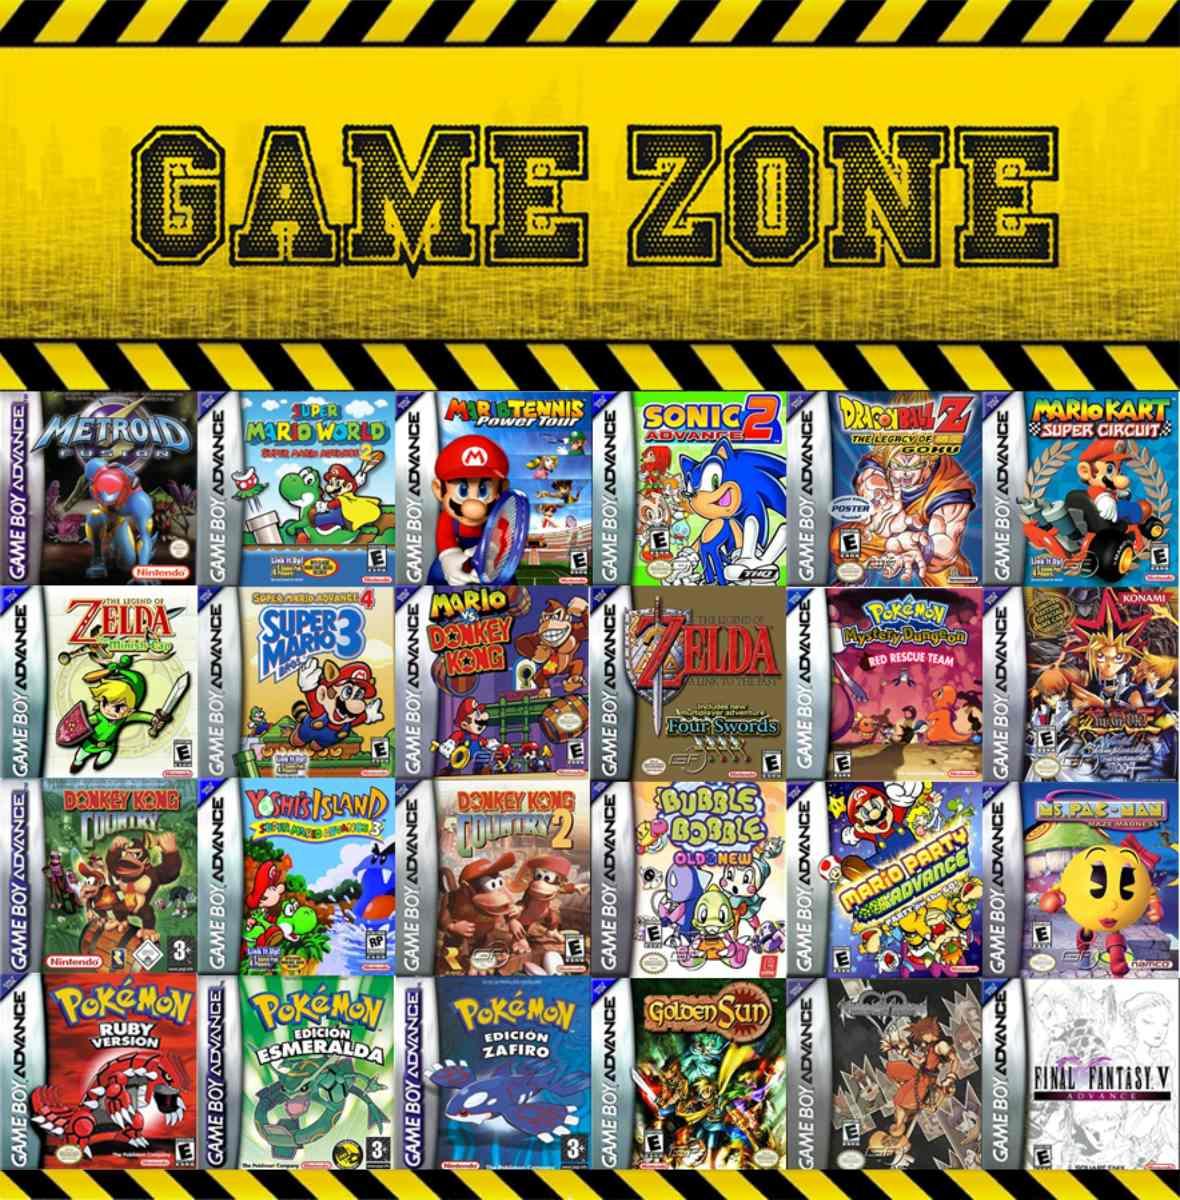 Gba Juegos Originales Por Pedidos Y Stock 800 00 En Mercado Libre